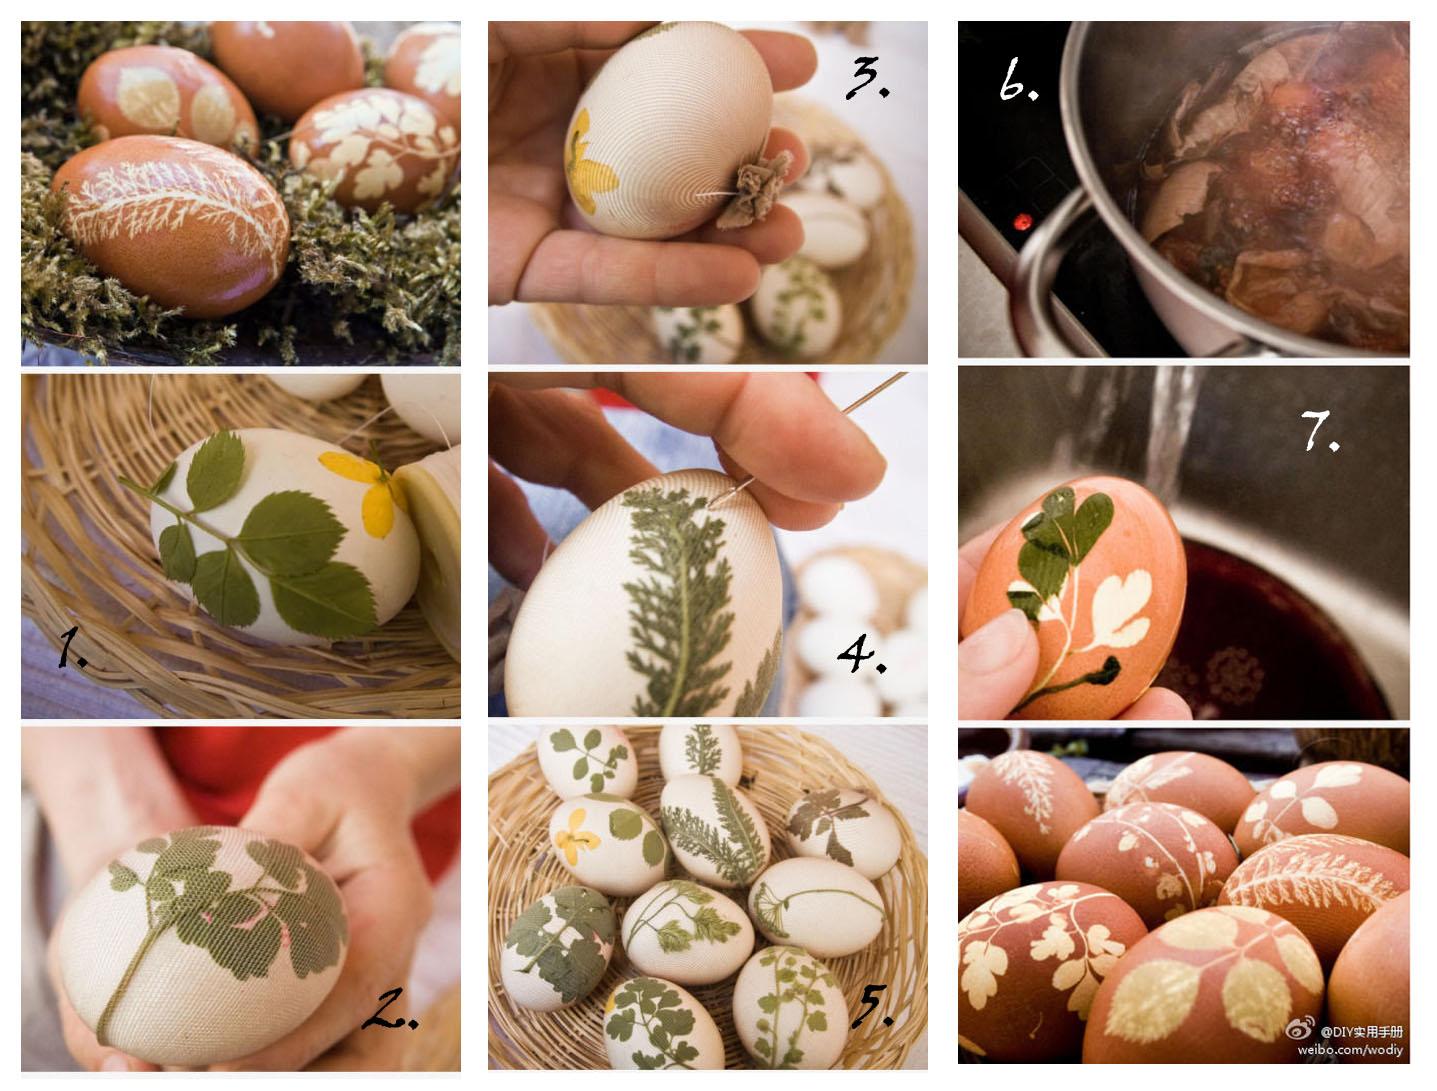 Wielkanoc, pisanki, jaja wielkanocne, jak ozdobić, jak udekorować, zdobienia, barwienie, Easter egg, inspiration, how to, tutorial, krok po kroku, DIY